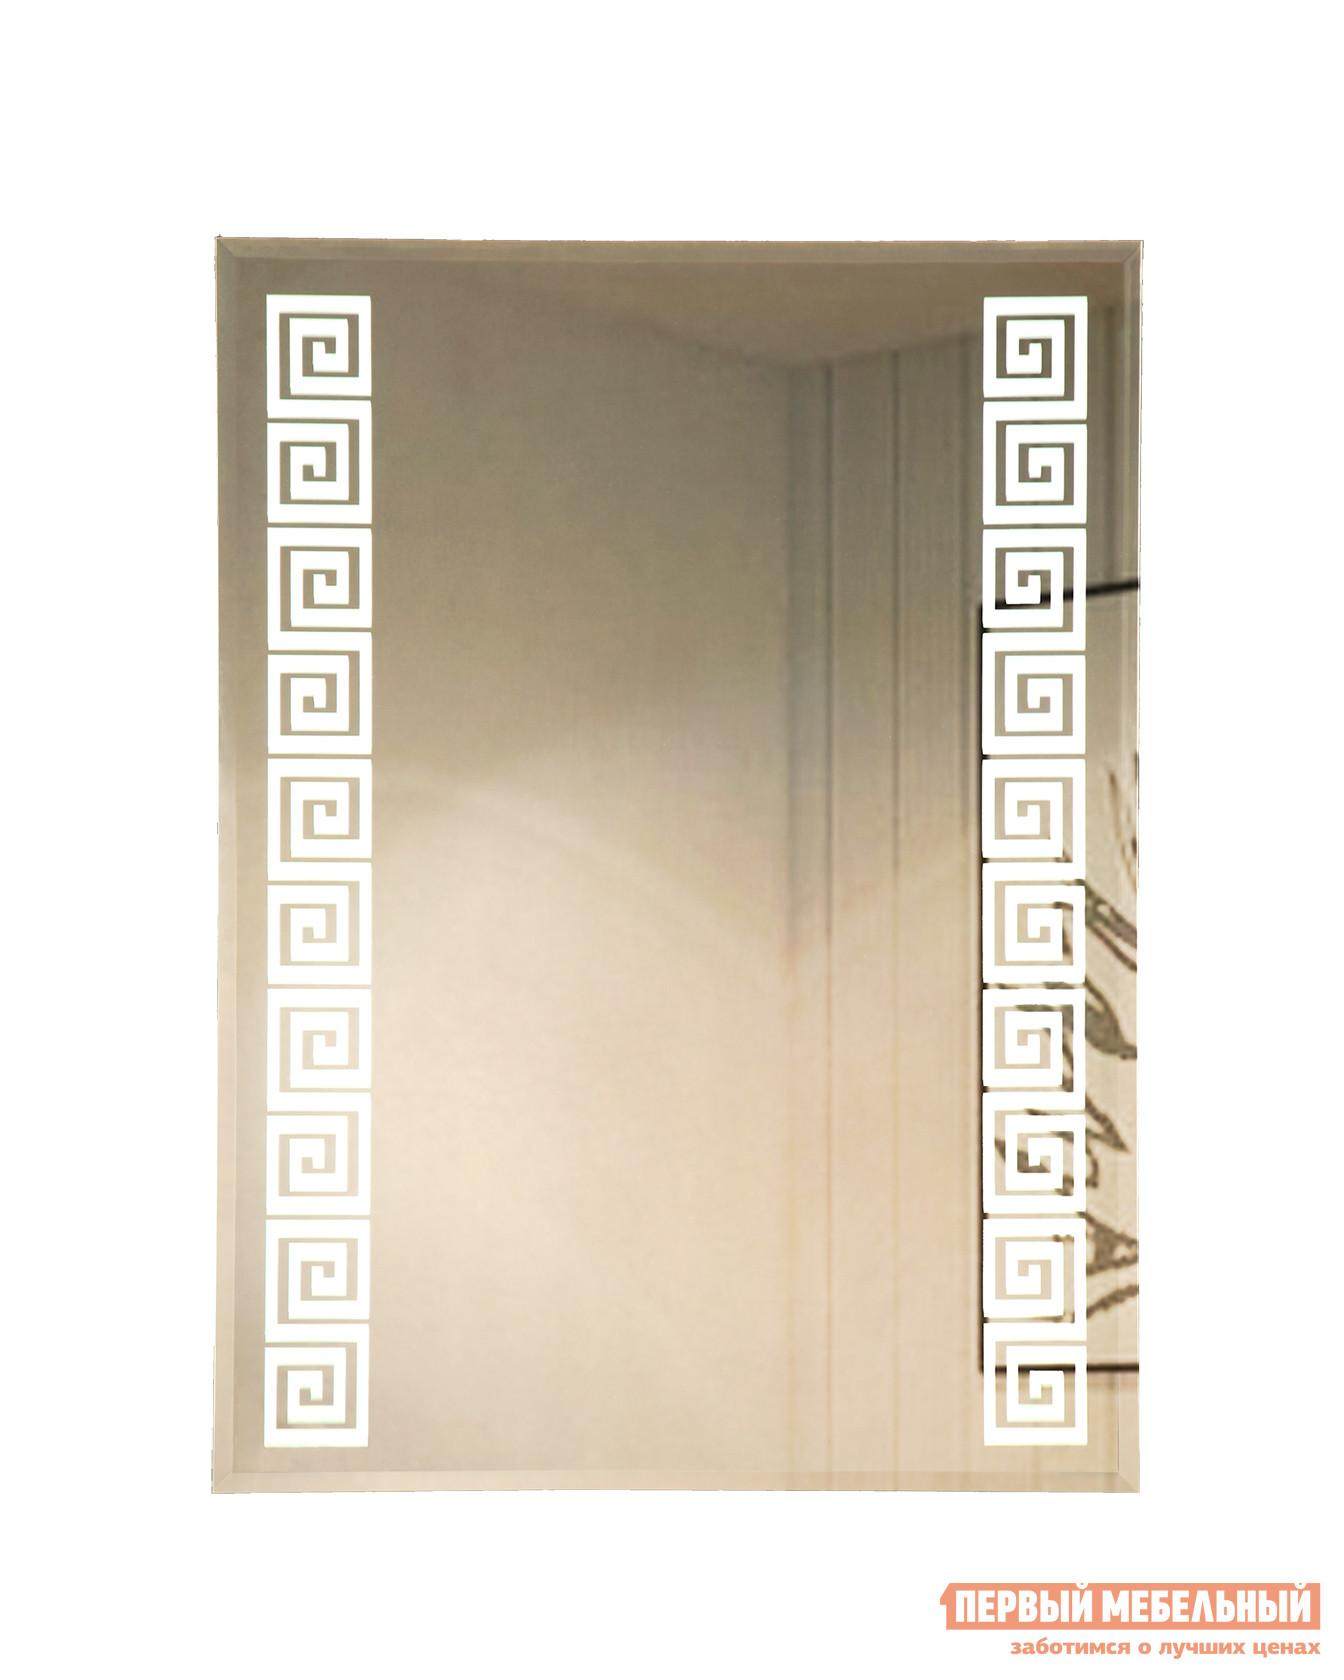 Настенное зеркало Континент Афины Люкс 600х800х35 стоимость авиабилета москва афины